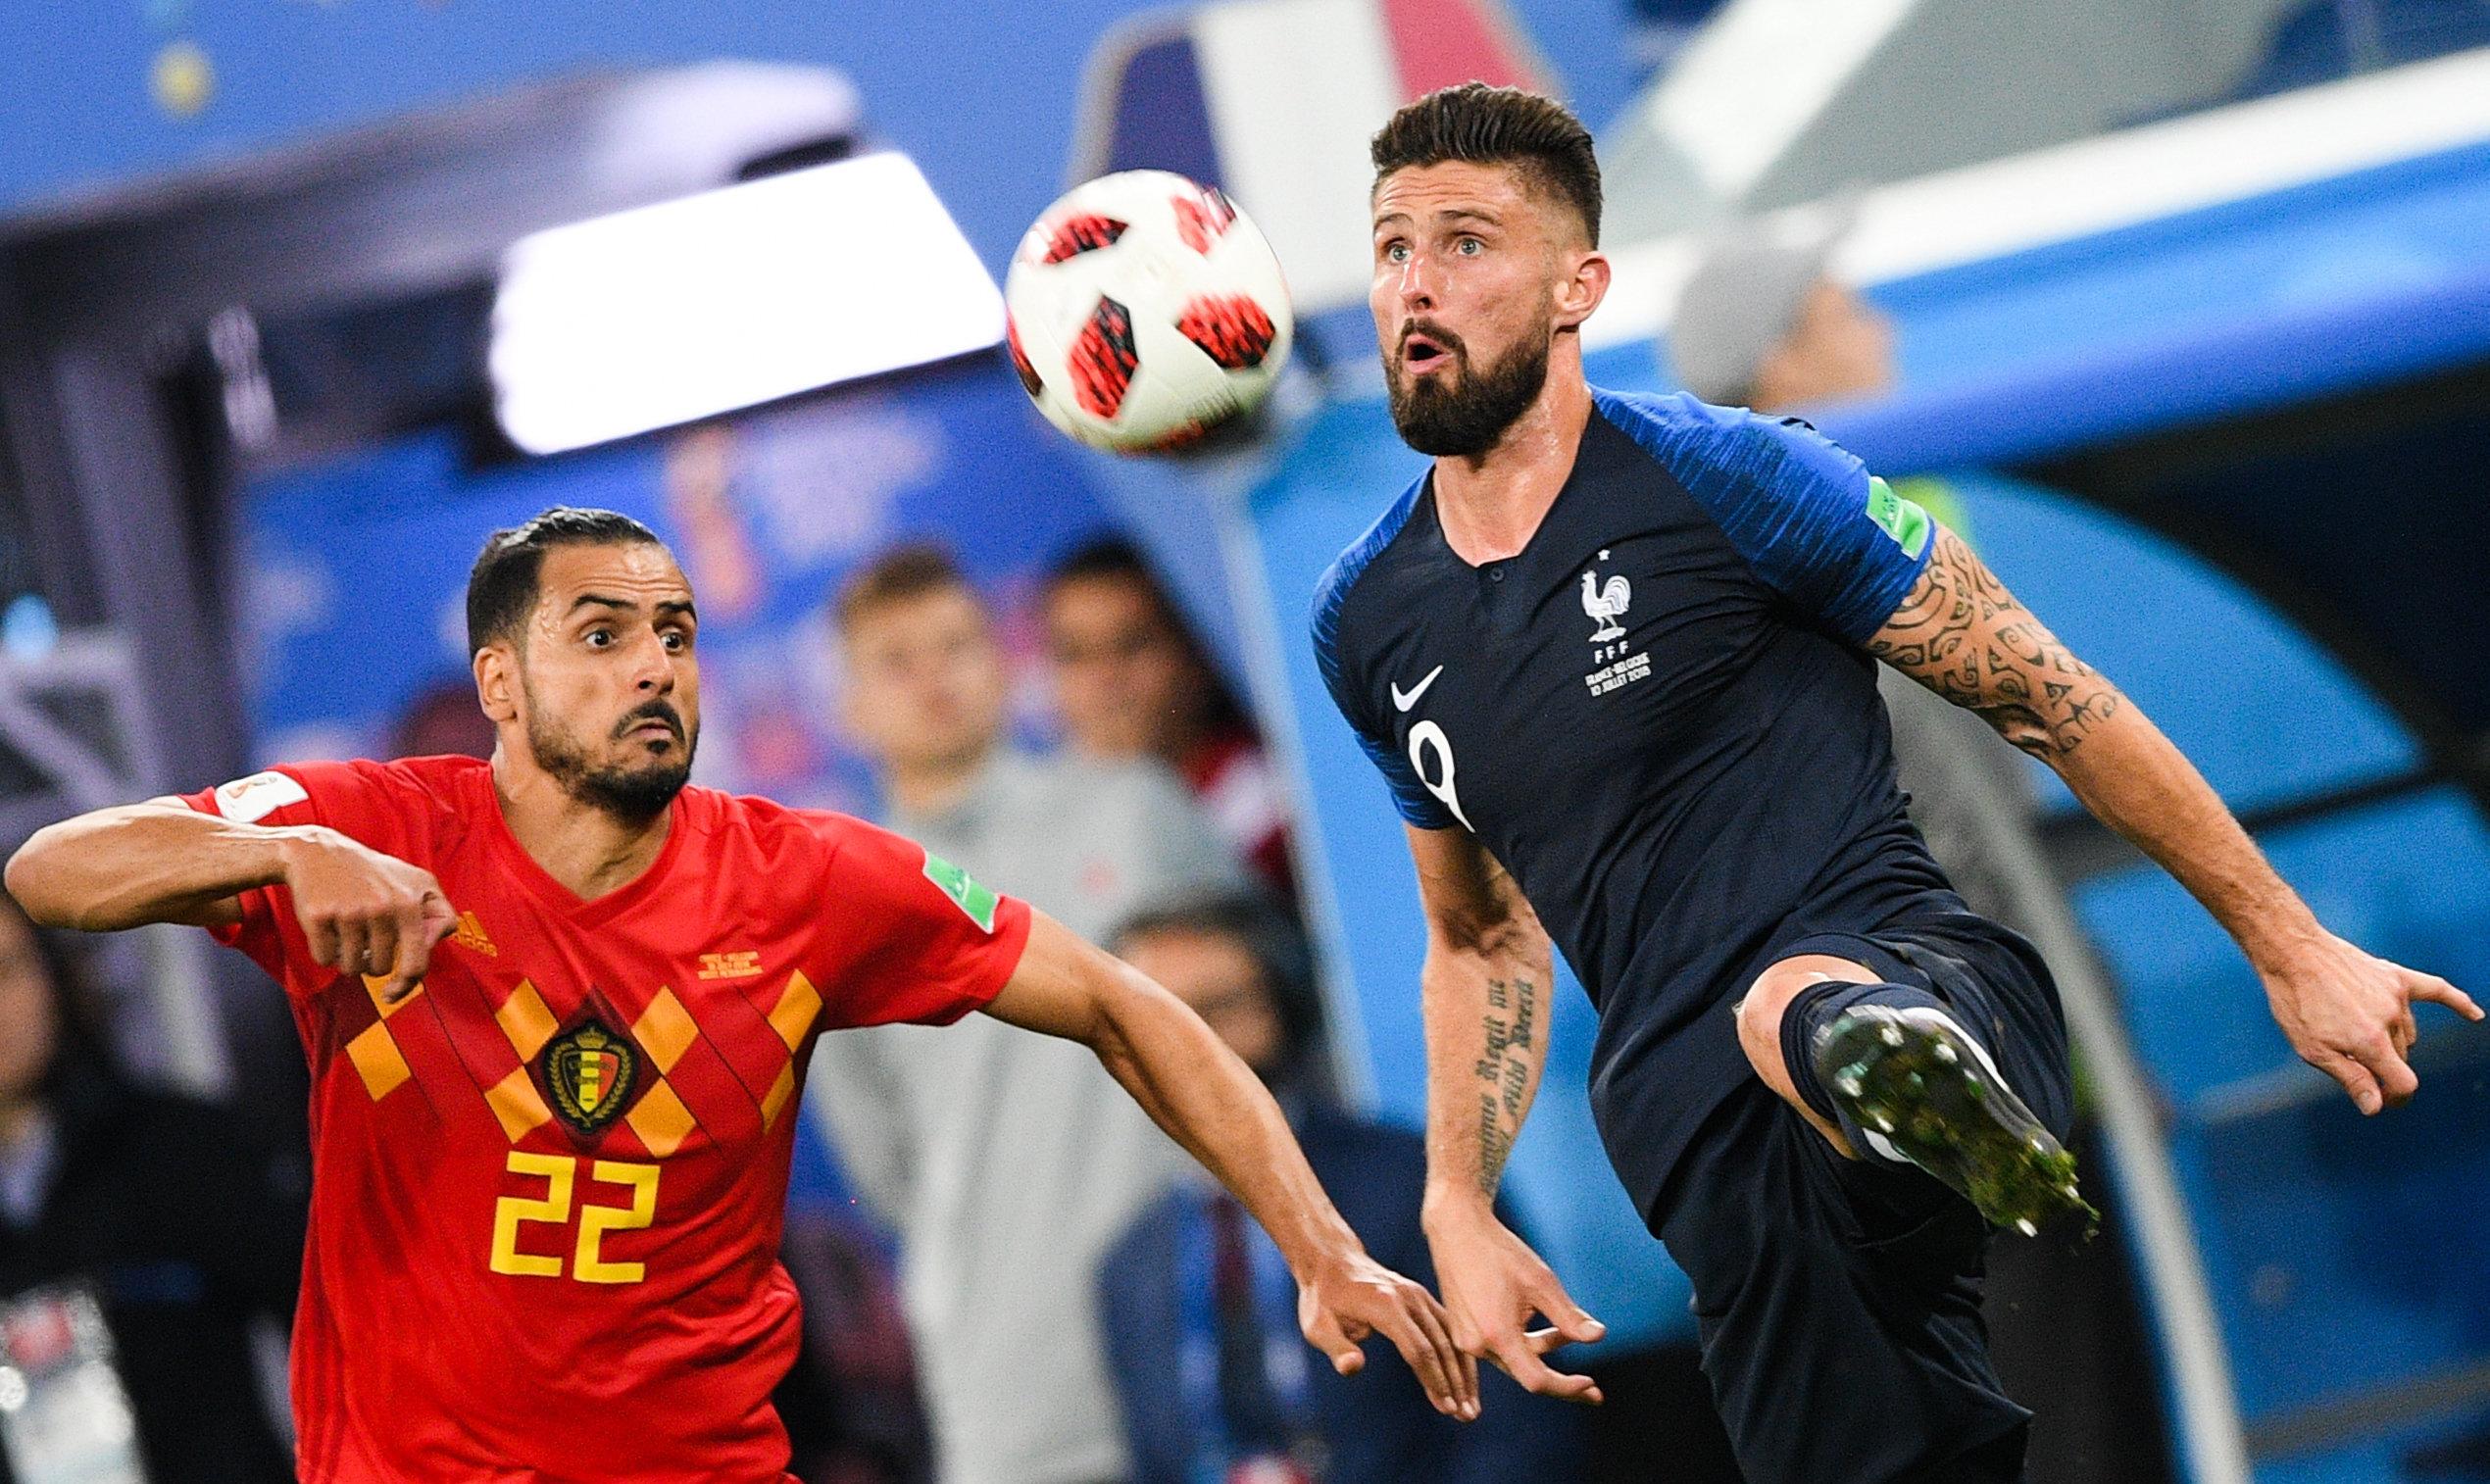 Футбол. Әлем чемпионаты-2018. Франция-Бельгия